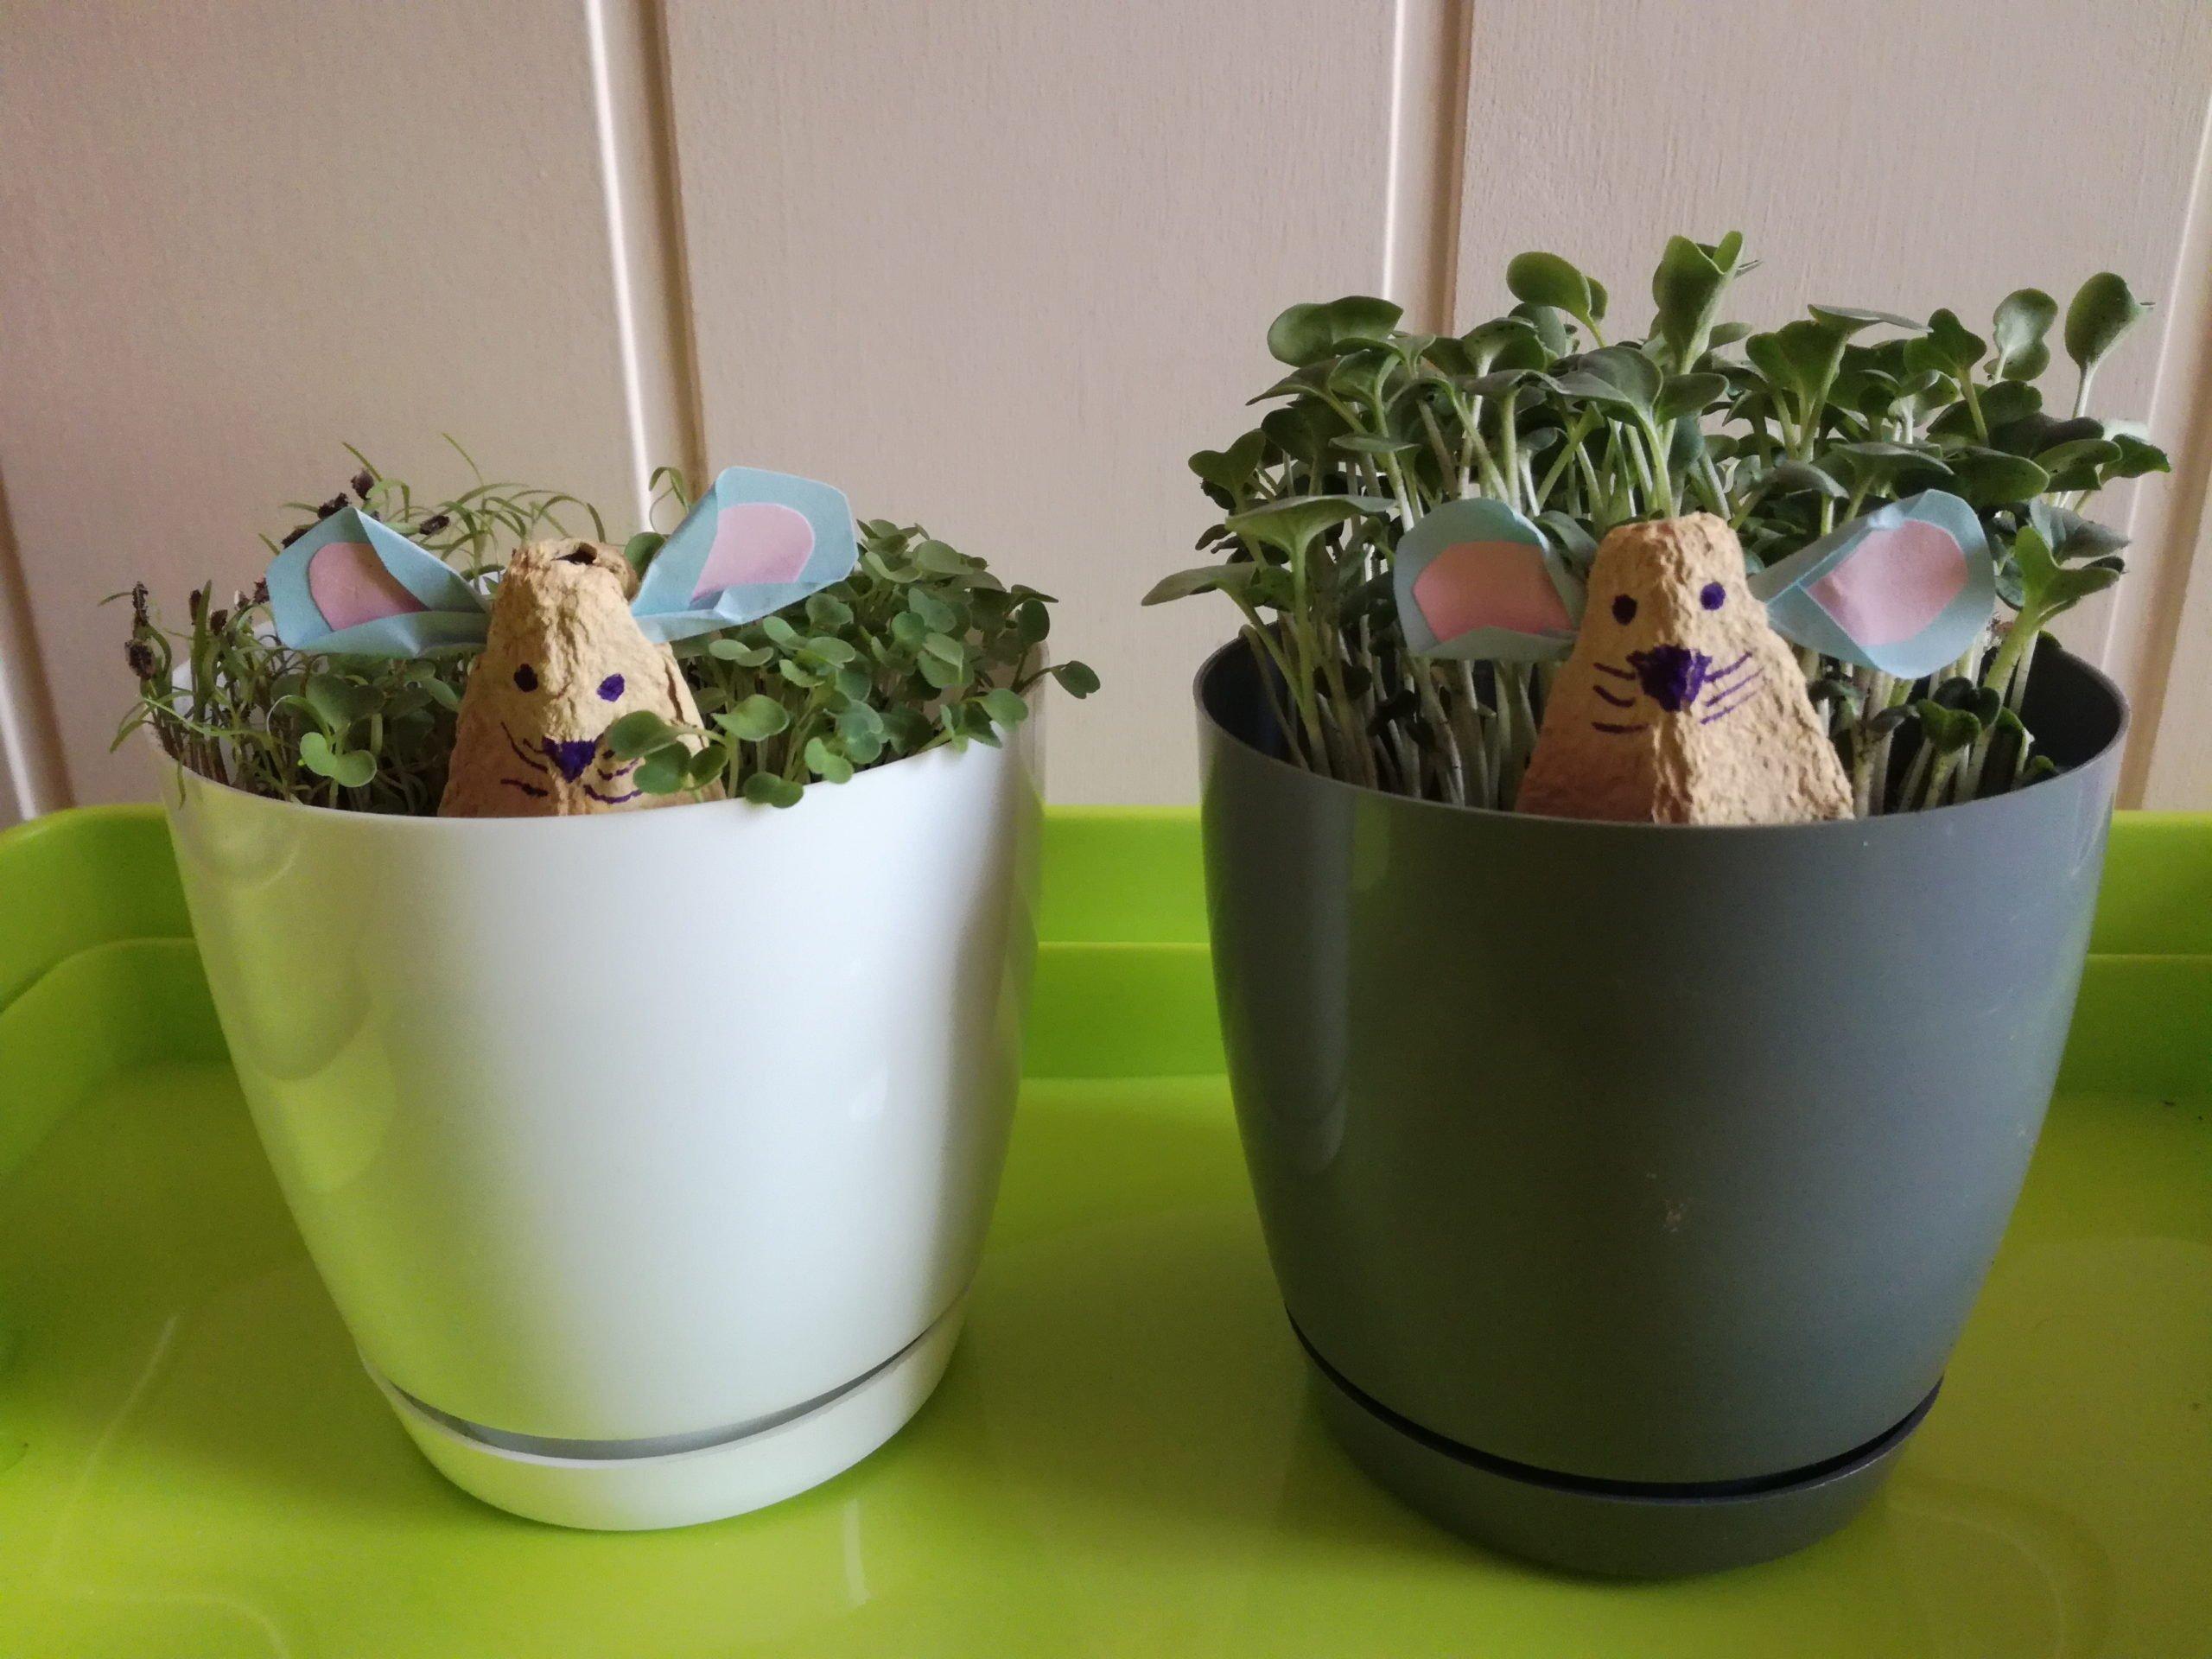 Myszki z pojemników po jajkach, zabawy plastyczne DIY dla dzieci